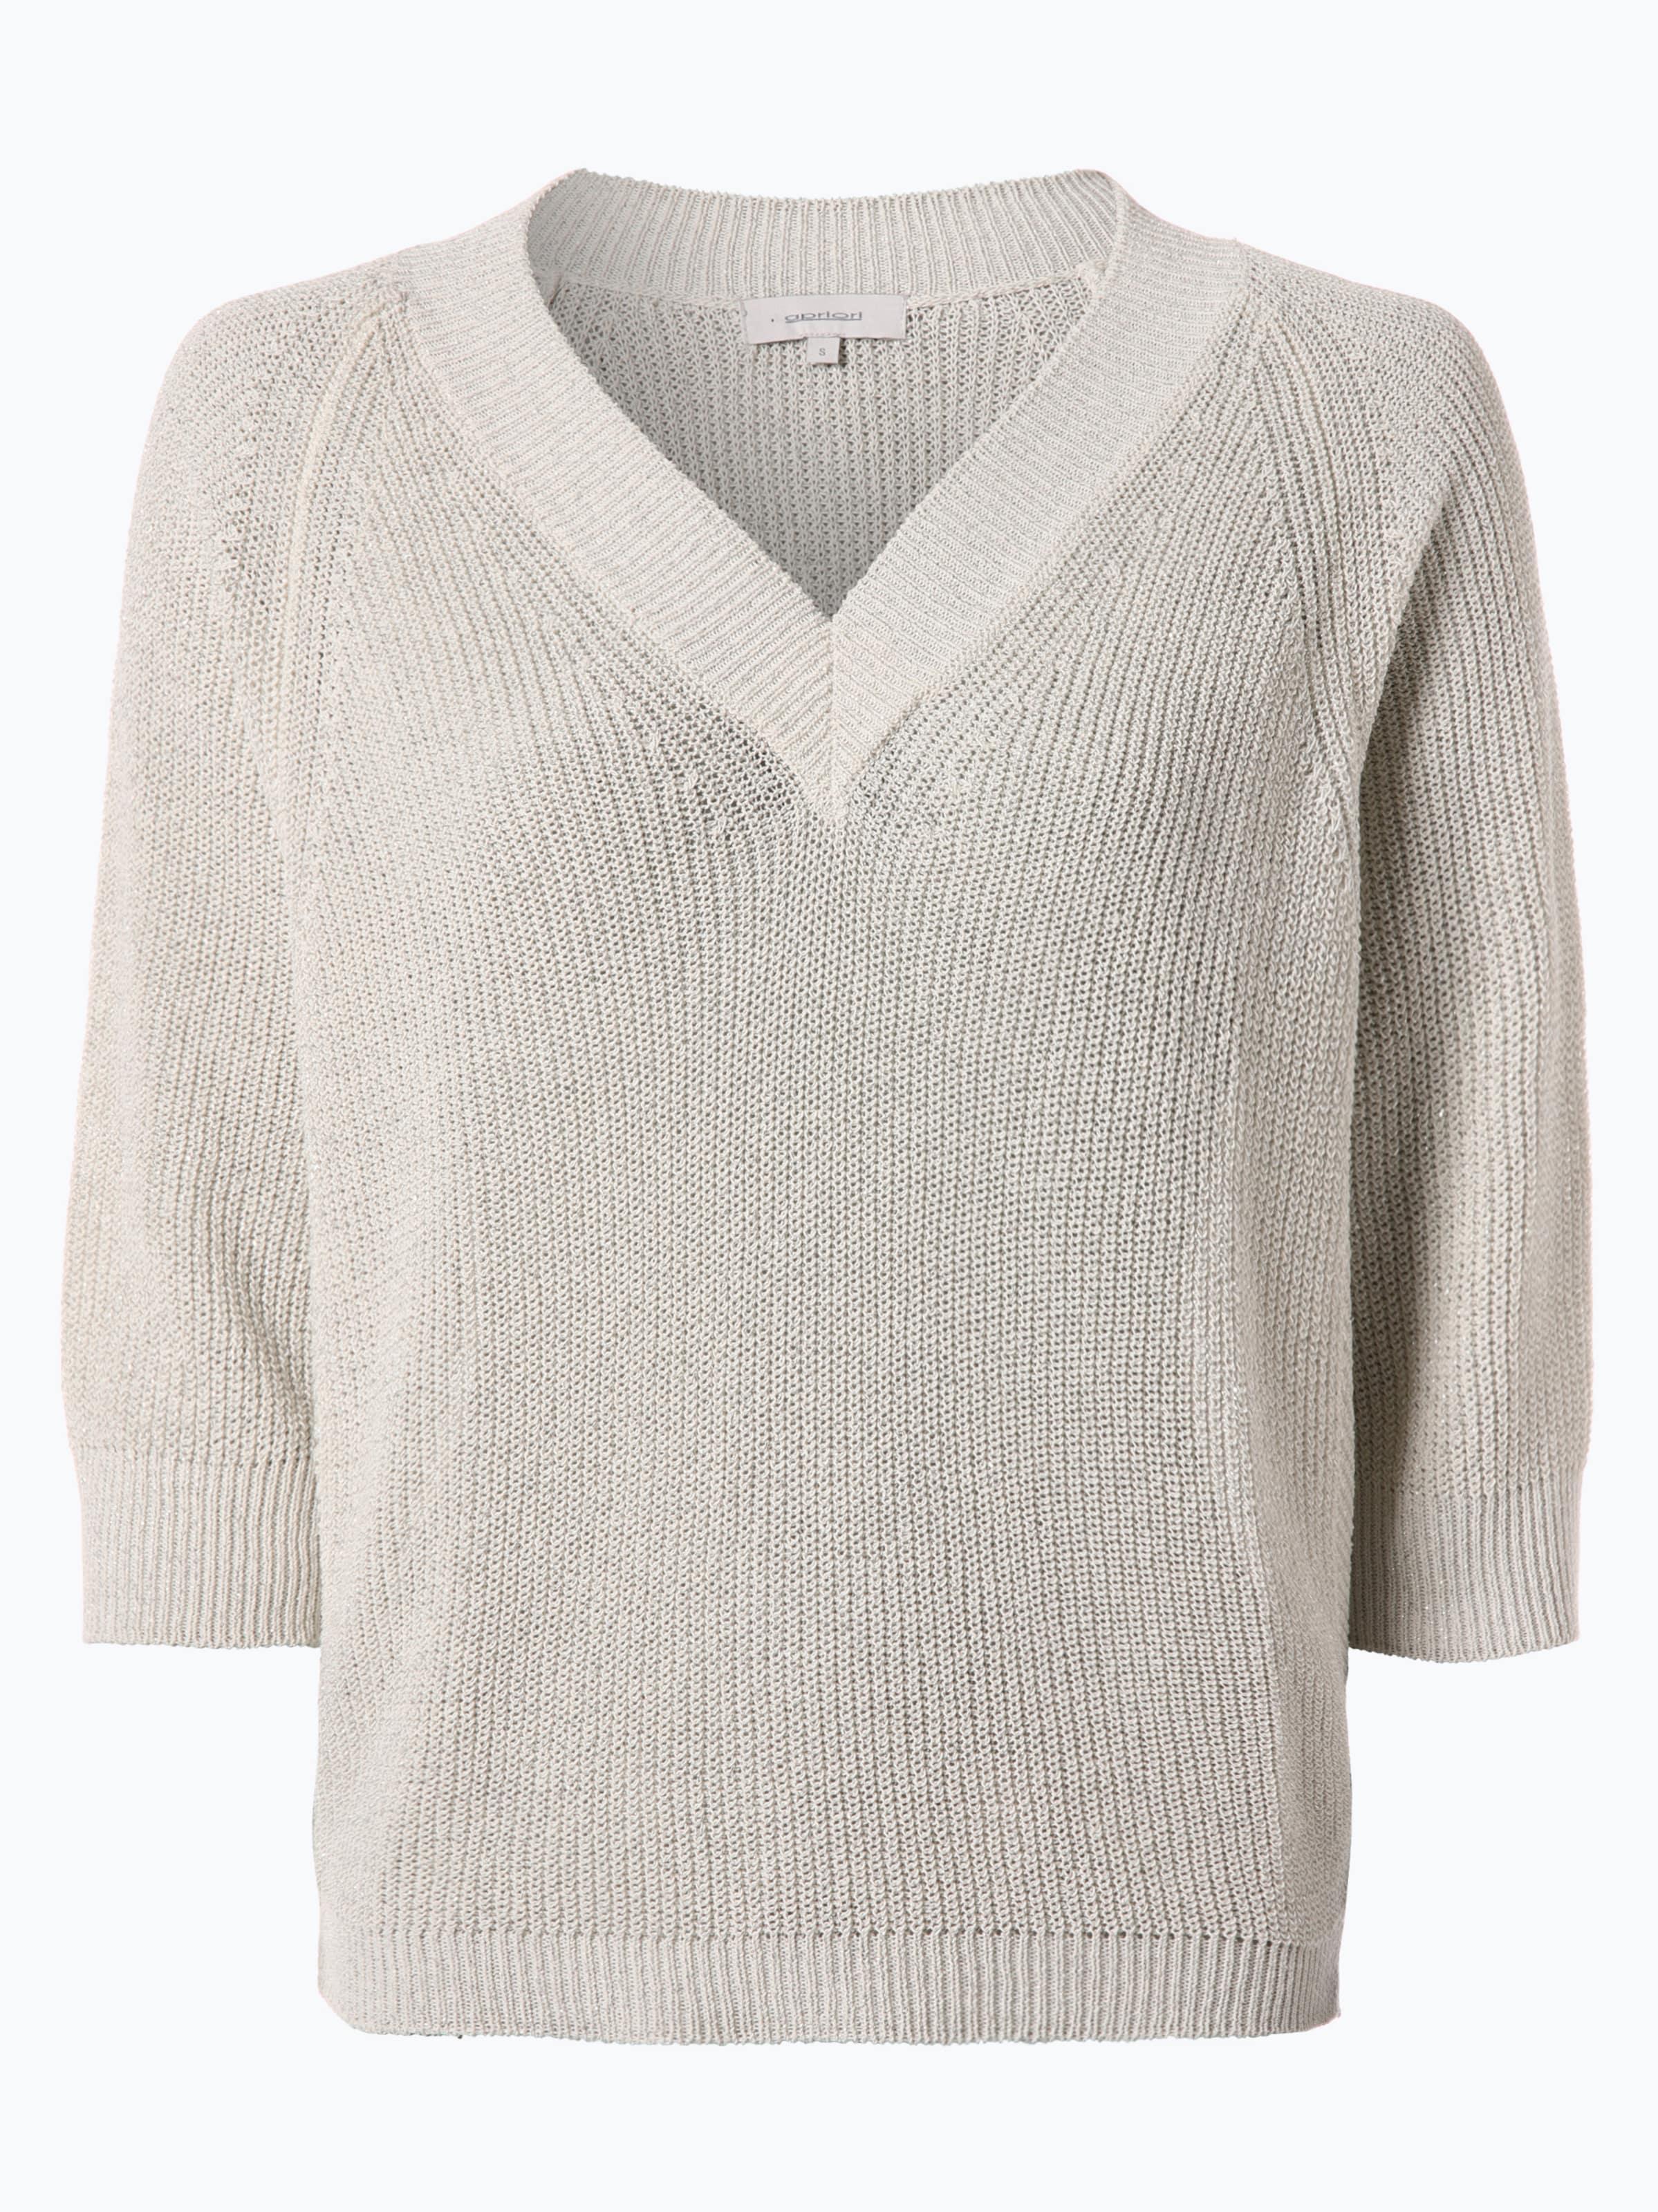 Pullover Pullover Apriori Apriori In In Apriori In Apriori Ecru Pullover In Pullover Ecru Ecru DIYbE29eWH